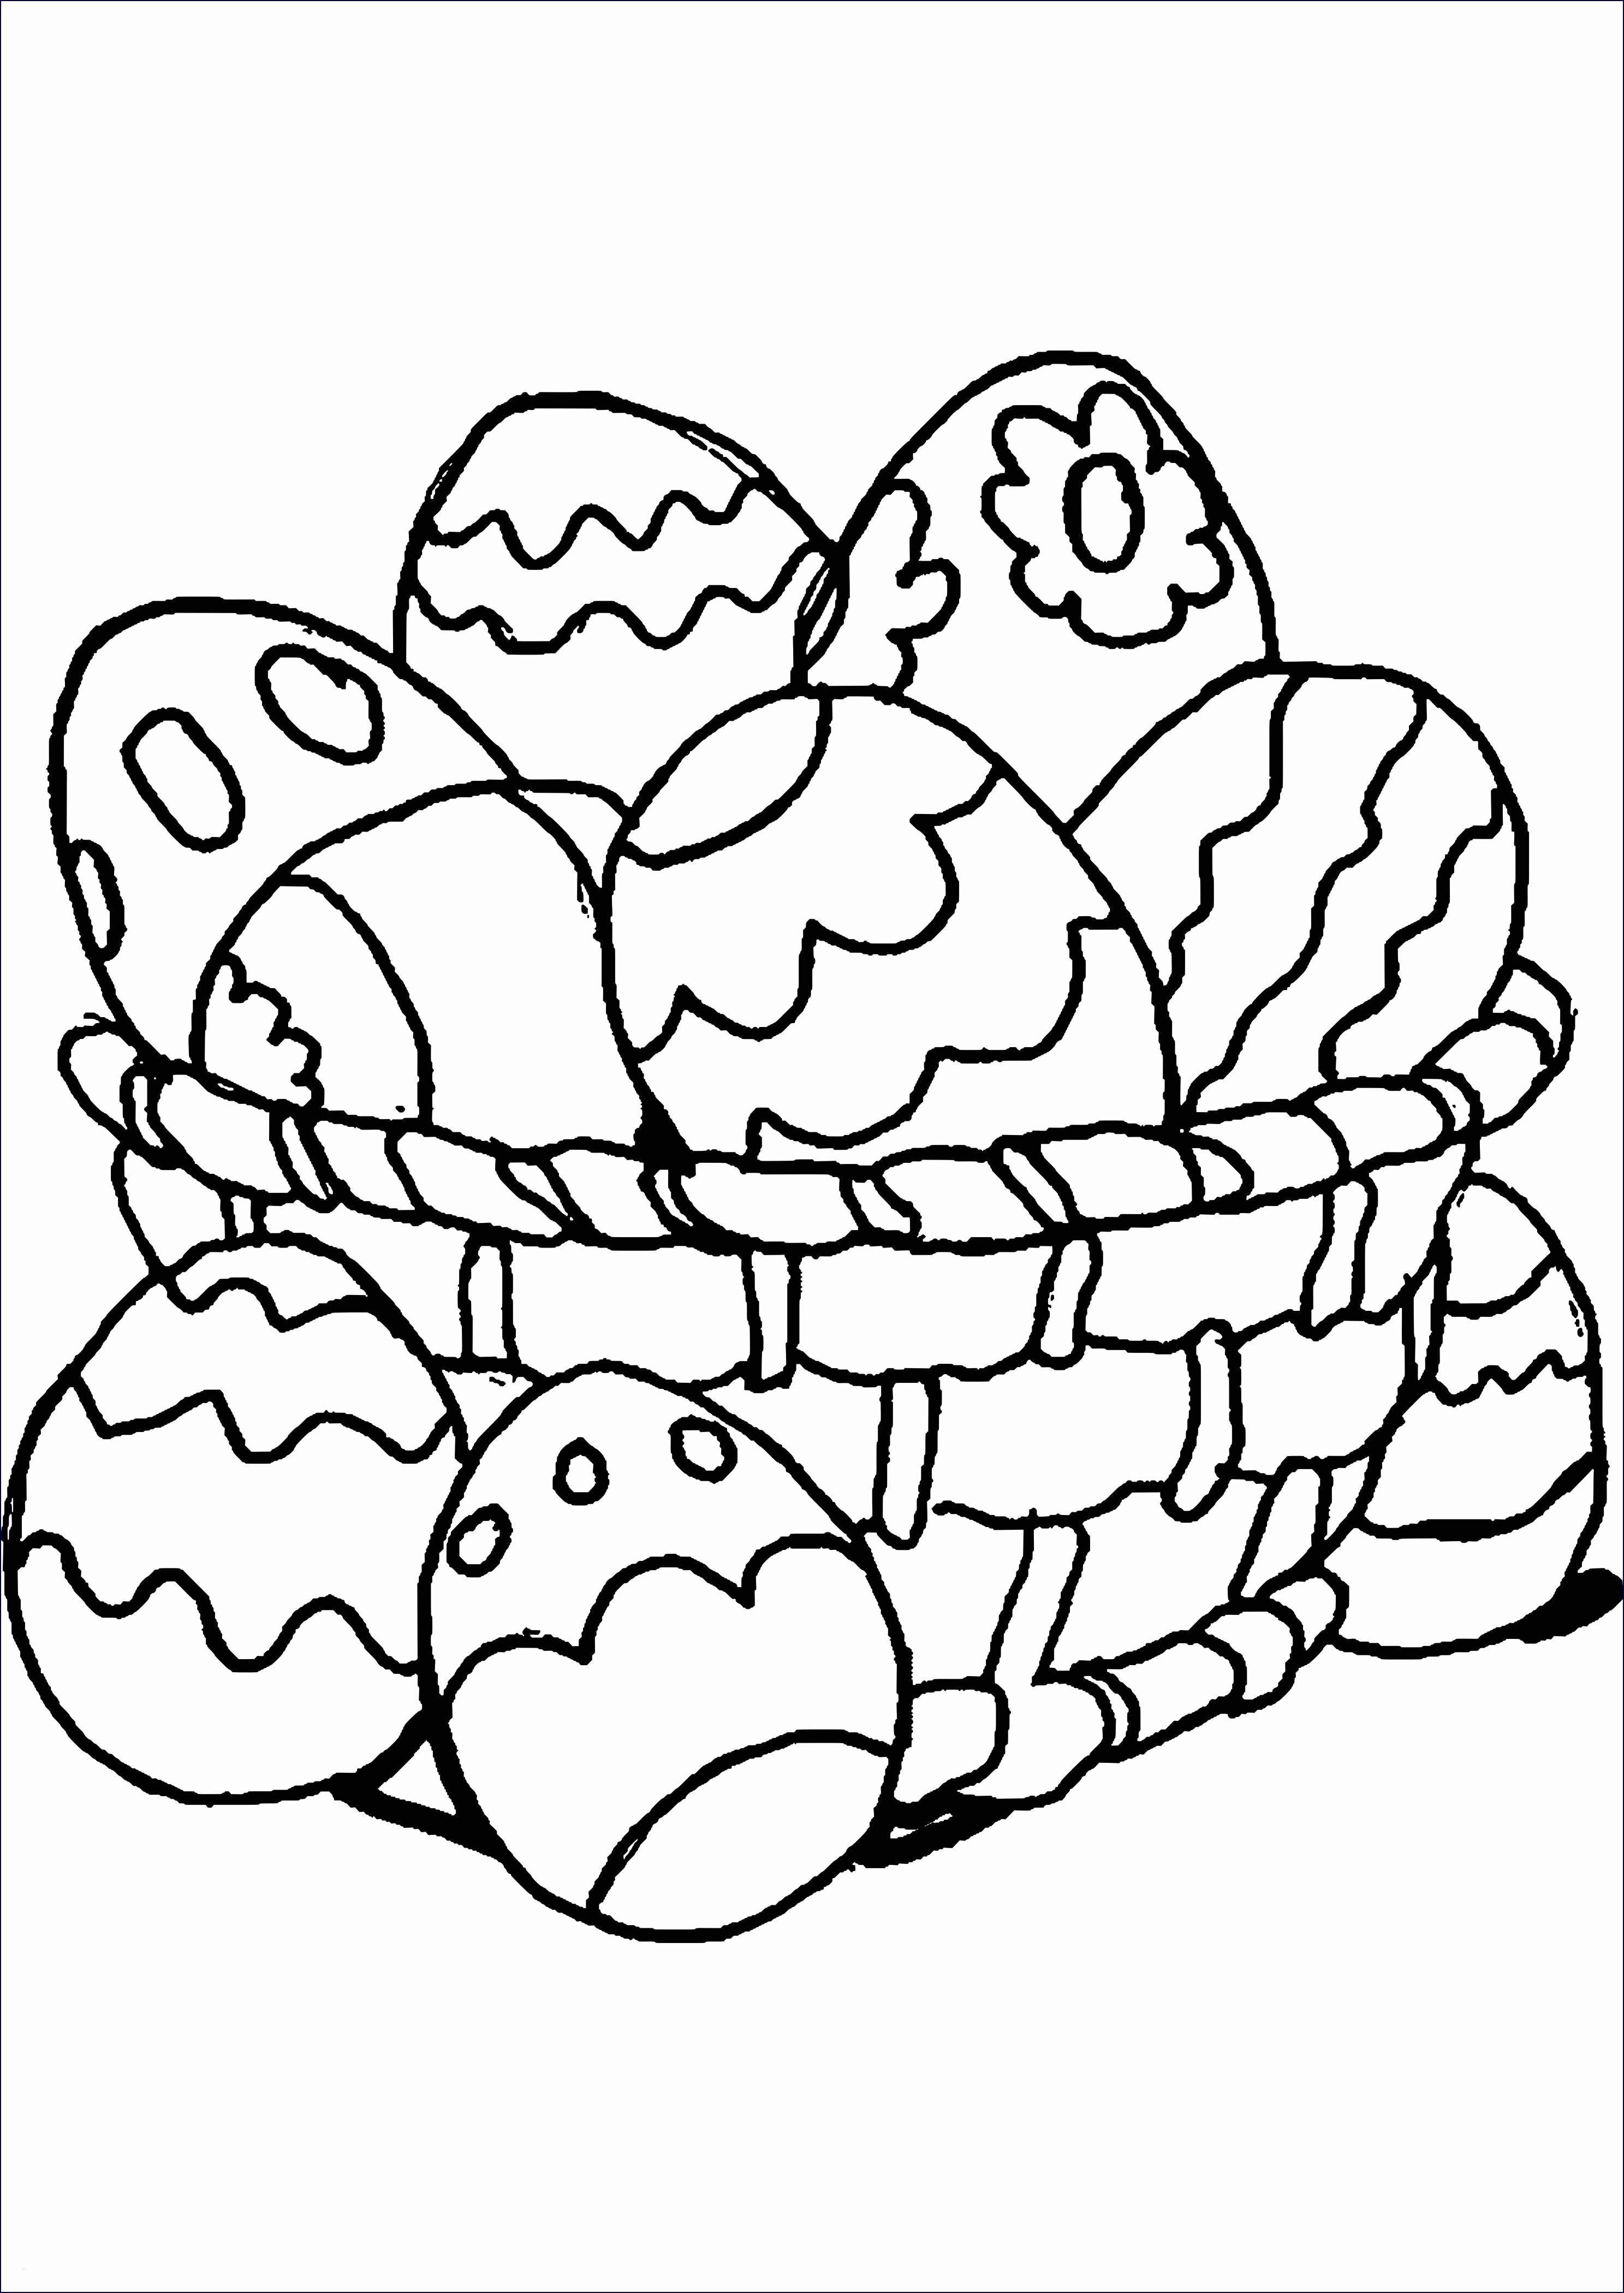 bilder zum ausmalen lowe  ausmalbilder ostern ostereier